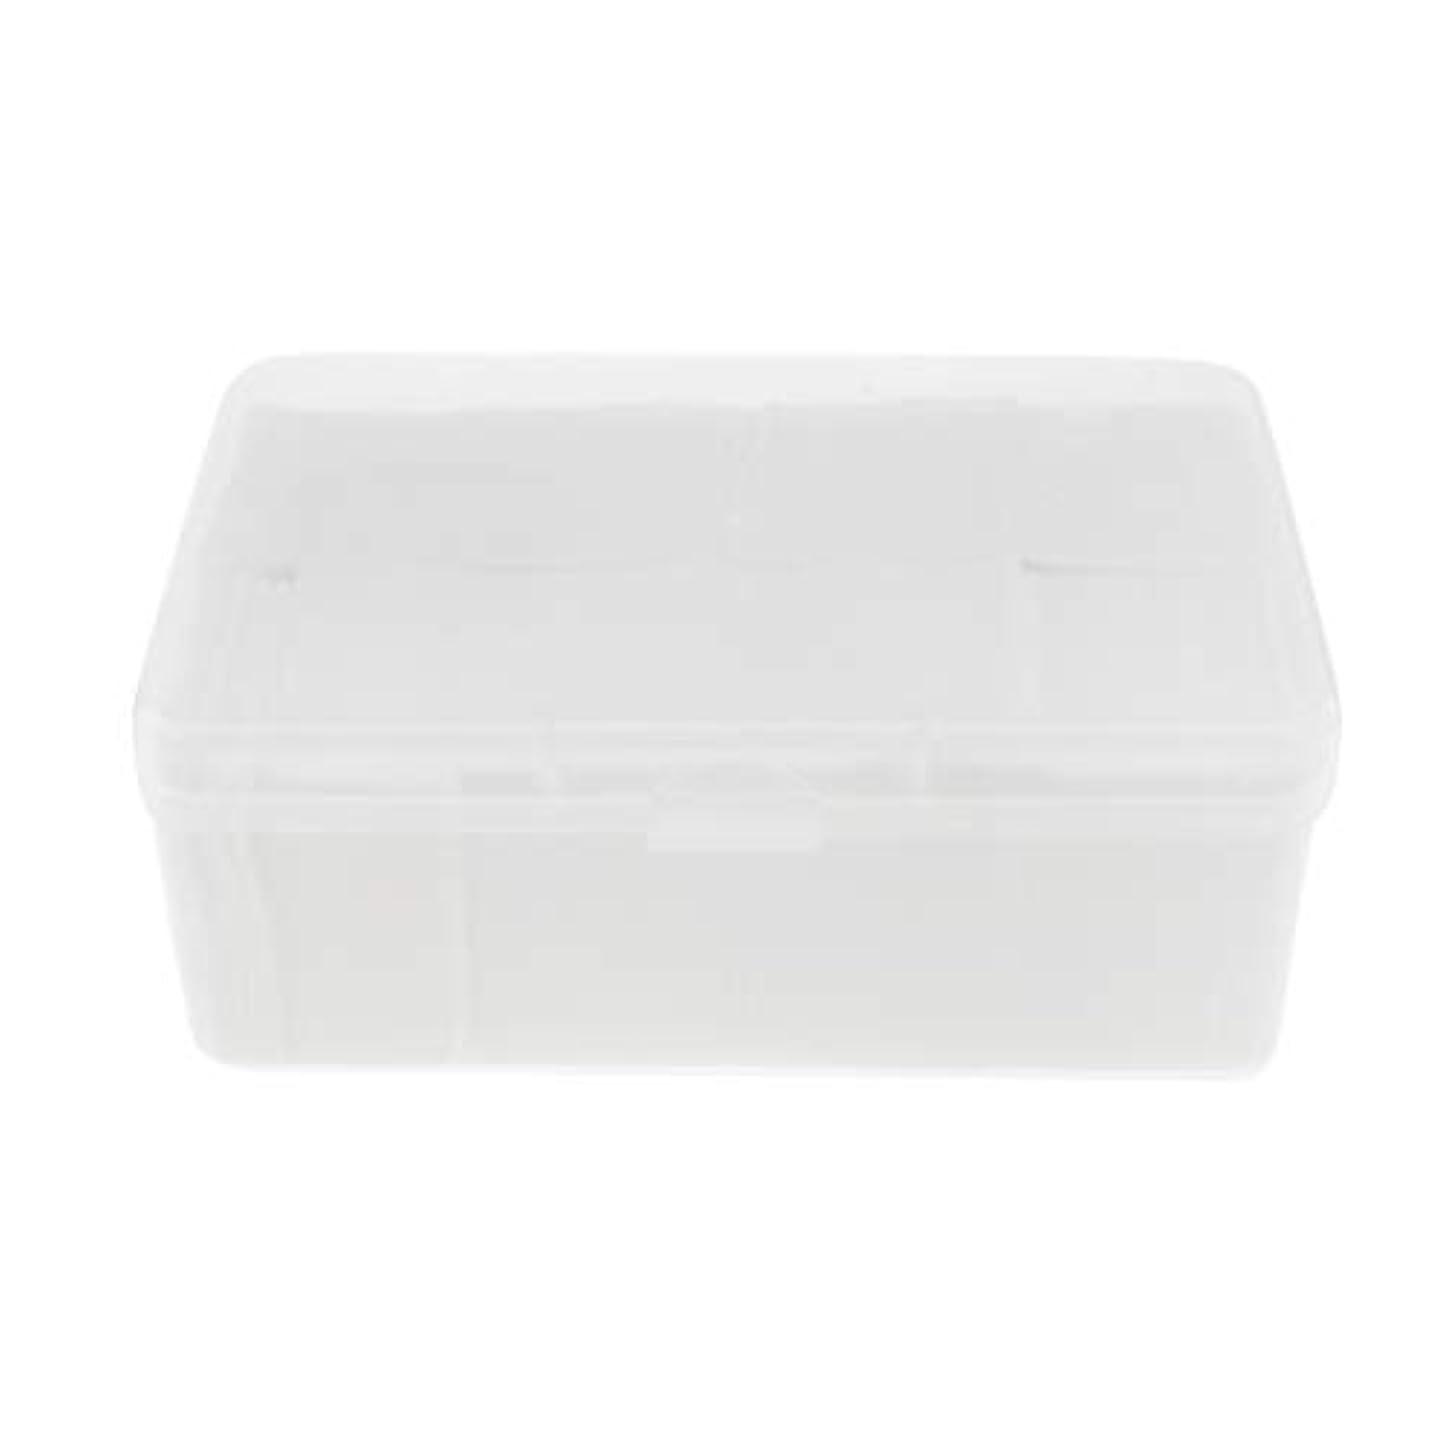 健康的クランプグリルPerfeclan 約1000枚 メイクリムーバー綿パッド メイクアップ リムーバー コットンパッド 化粧品 パフ 薄手 顔用